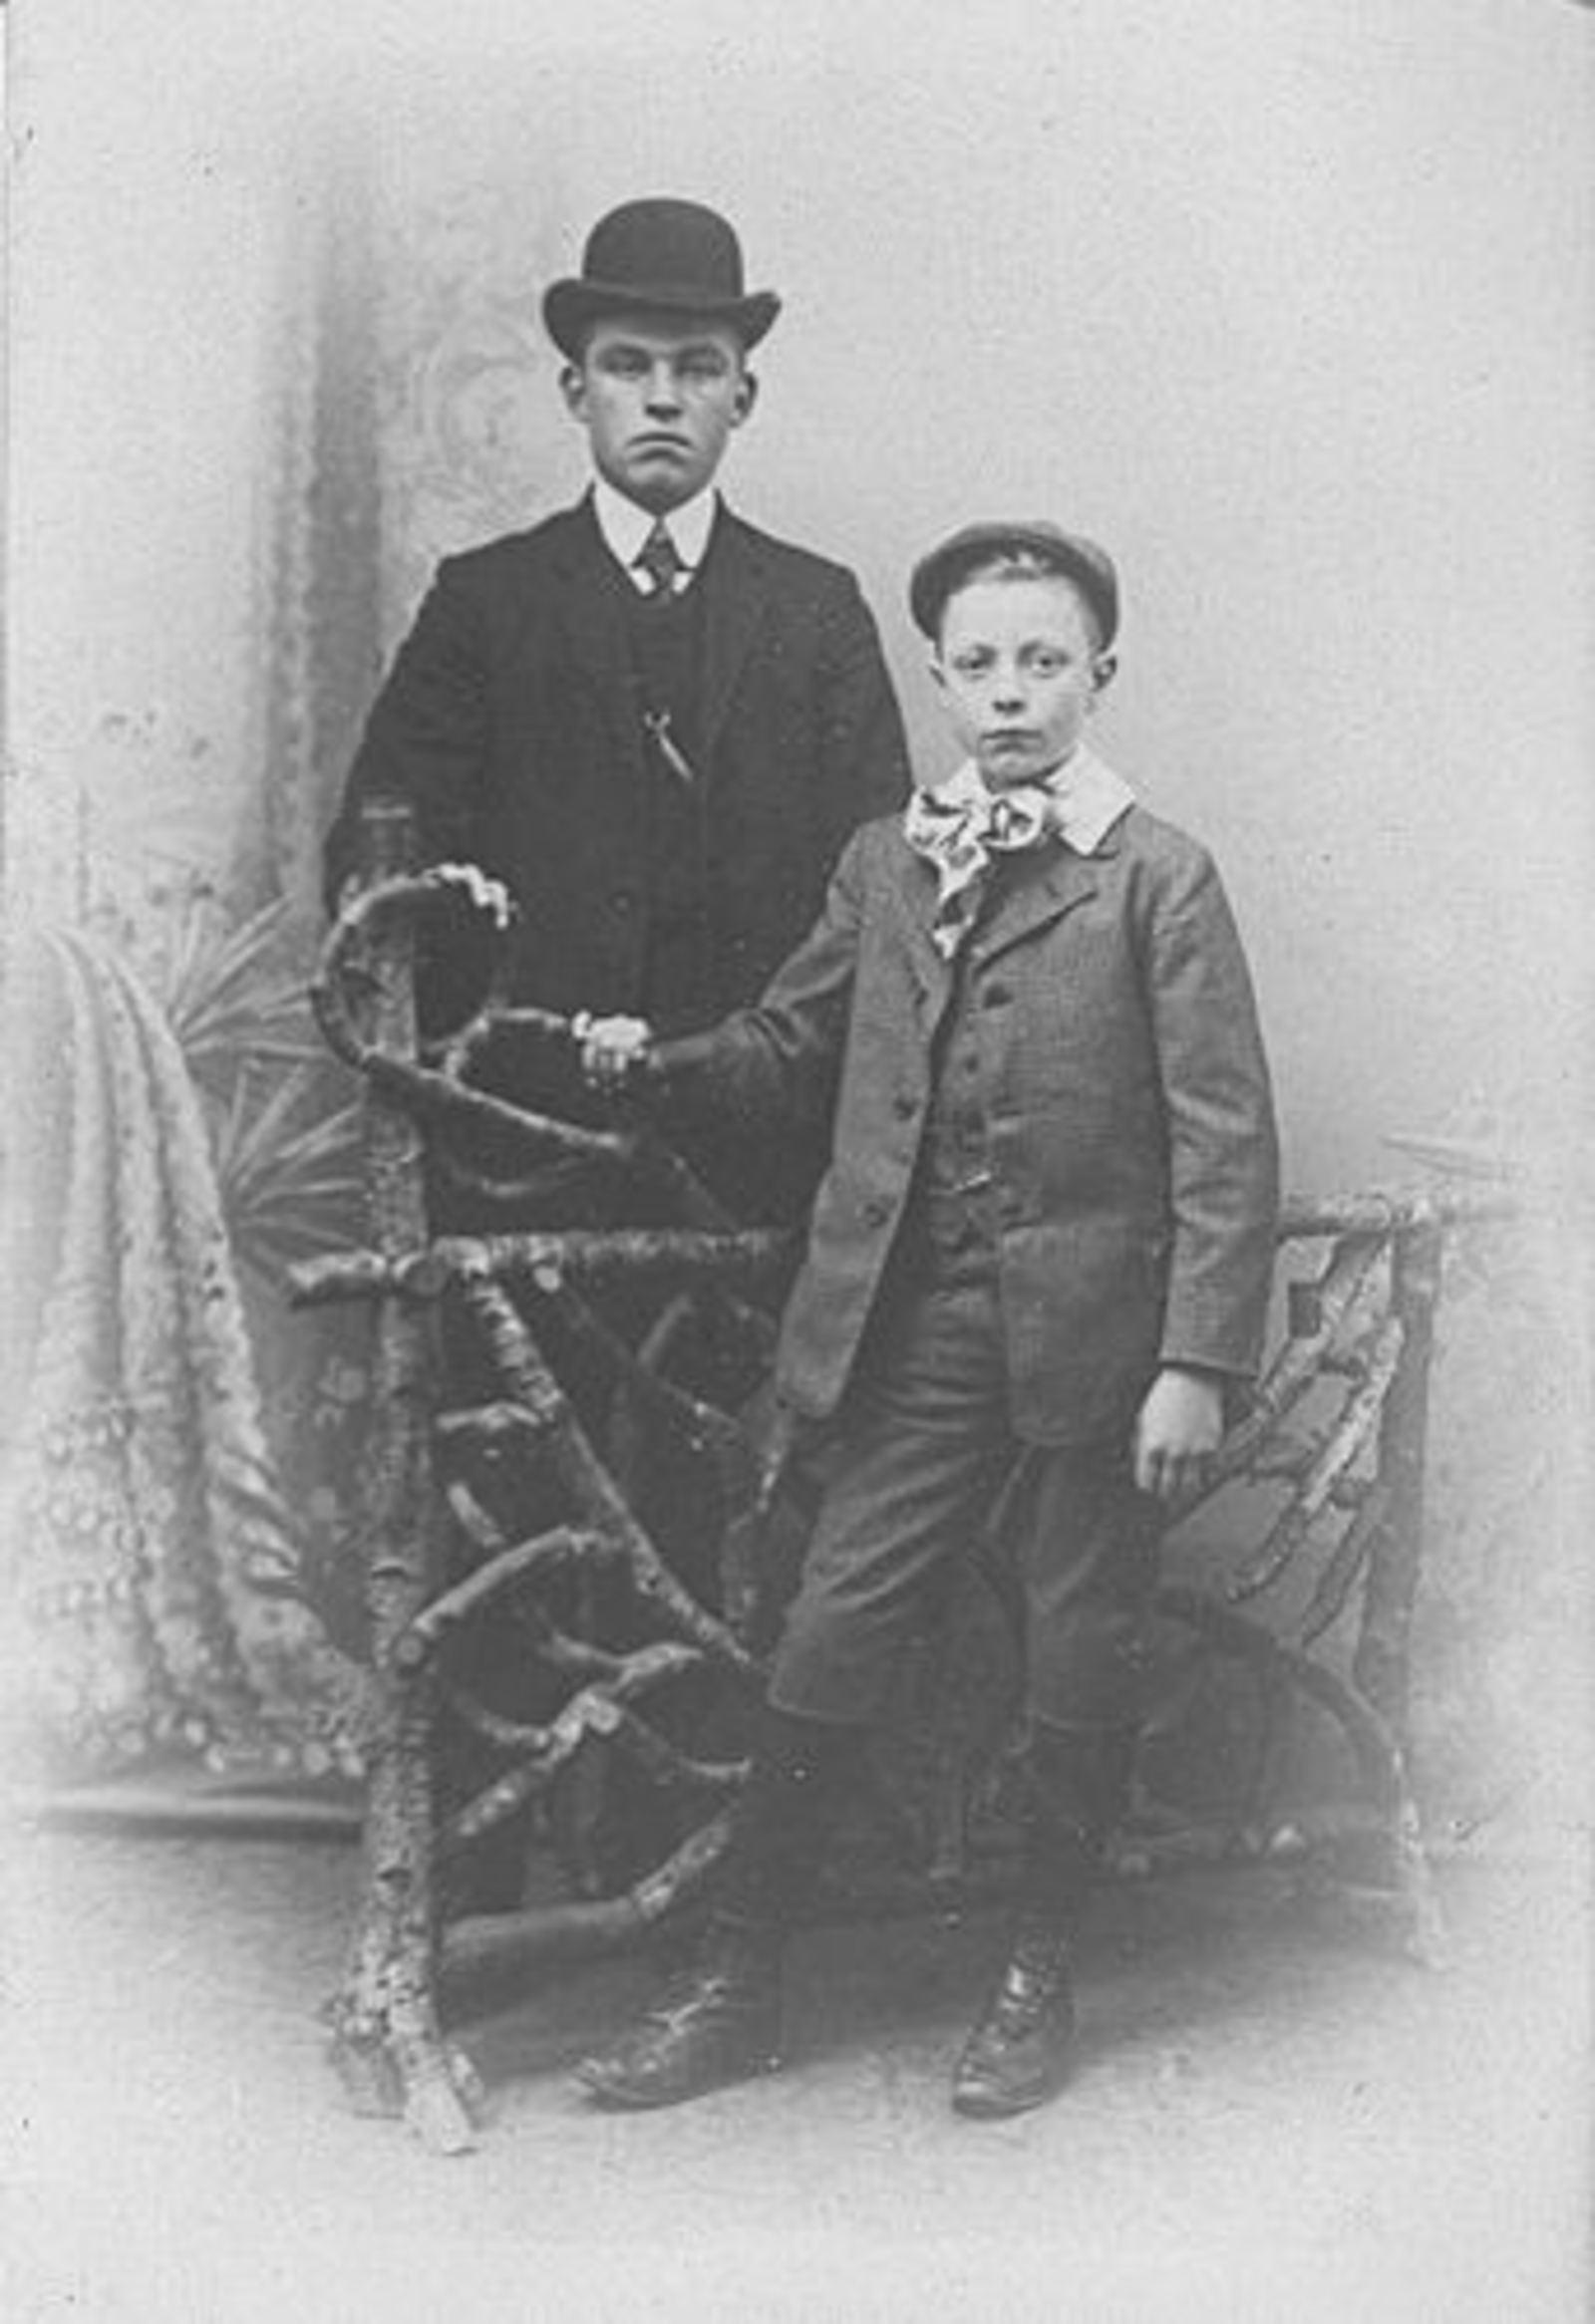 Ouden Barend Dzn den 1887± 19__ bij Fotograaf met neefje Adriaan Jansen